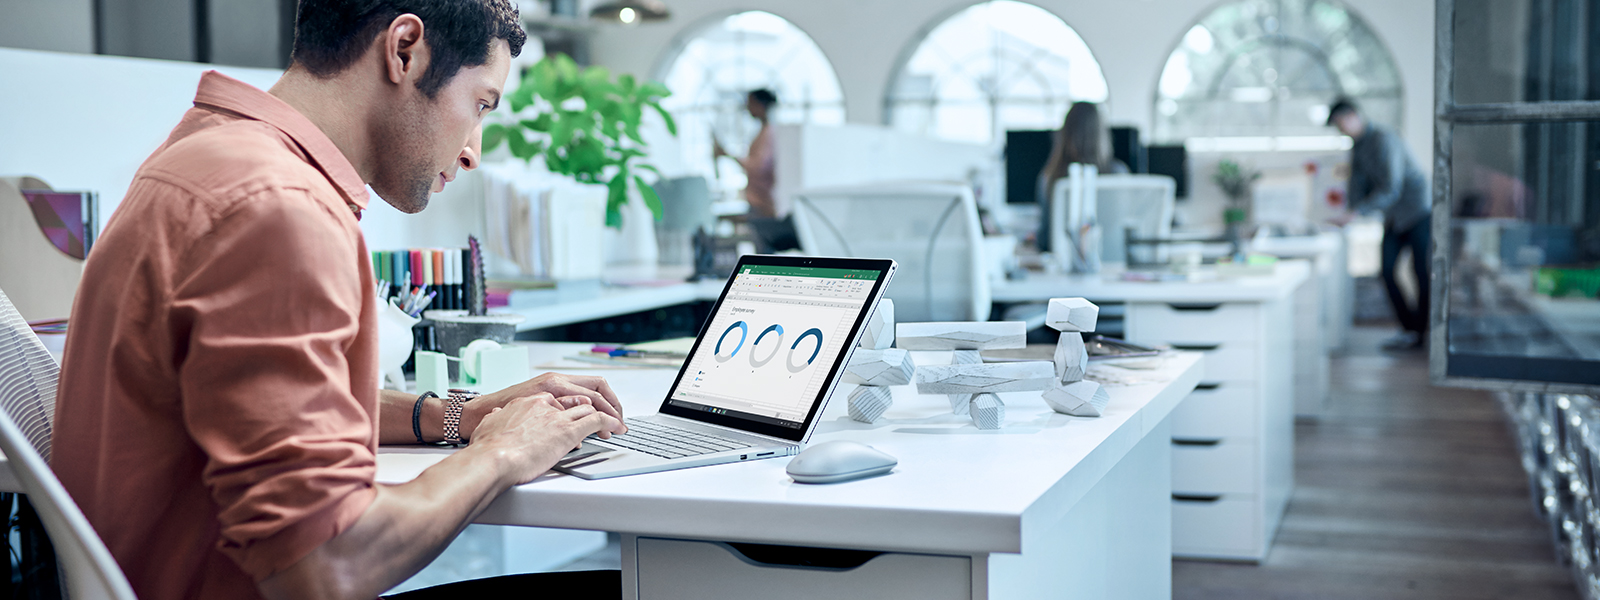 男人在筆記型電腦上檢閱圖表